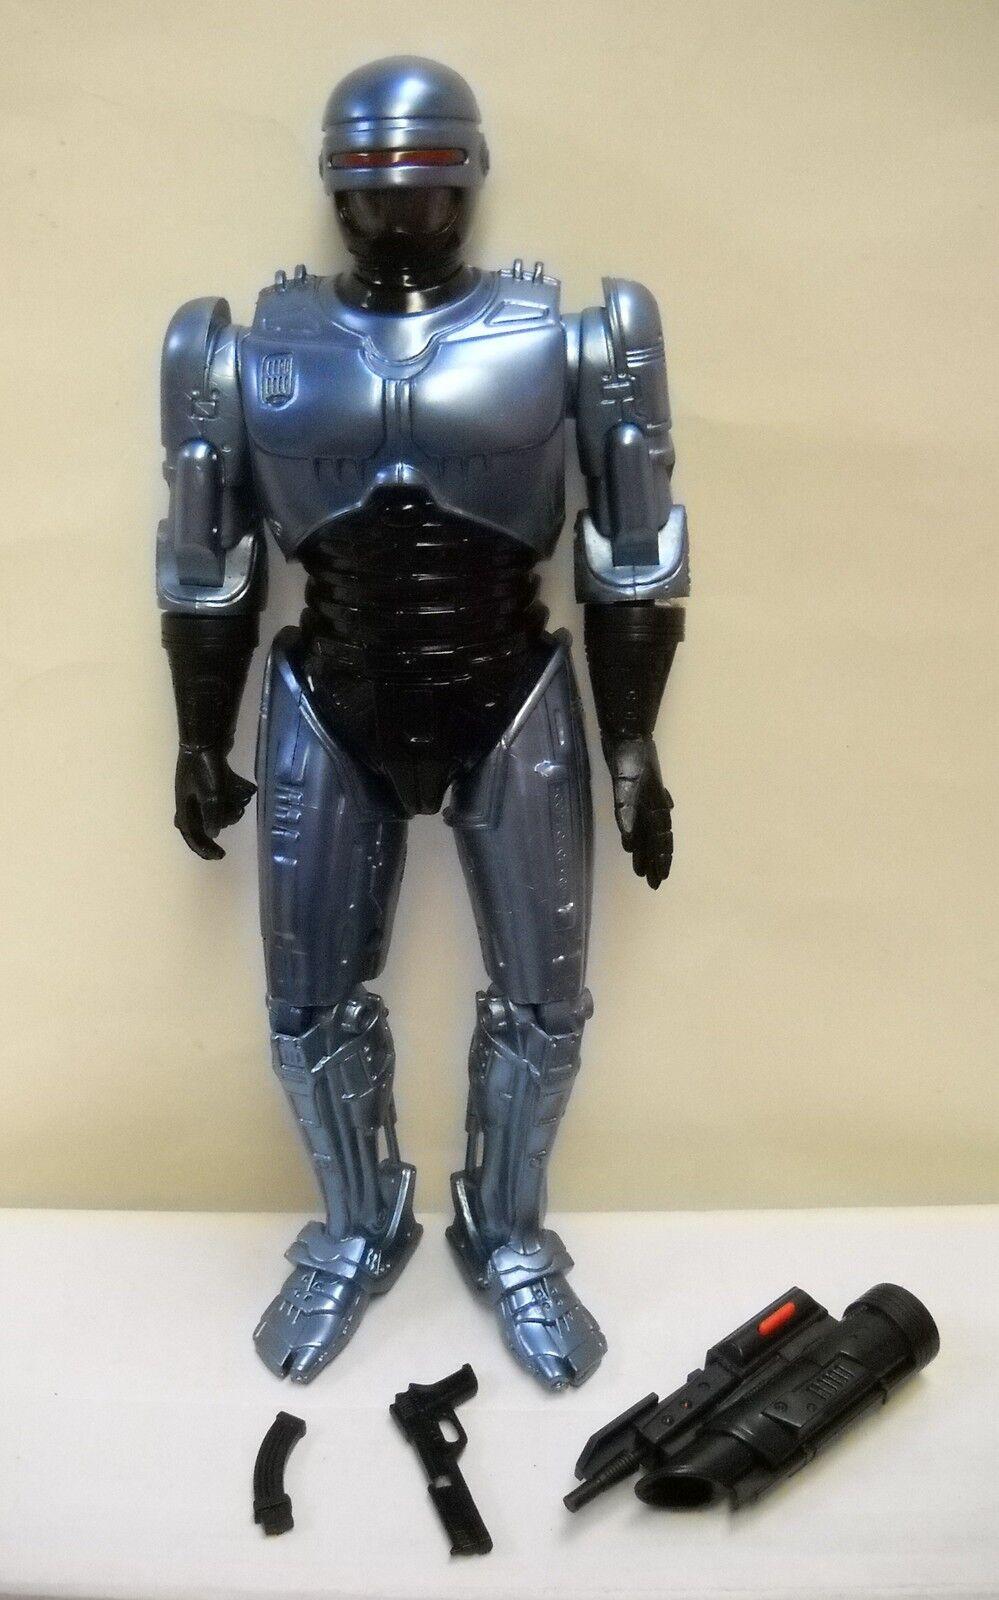 2793 Nuevo en Caja de catálogo audiotonic hablando Robocop 12  Figura Con Armas